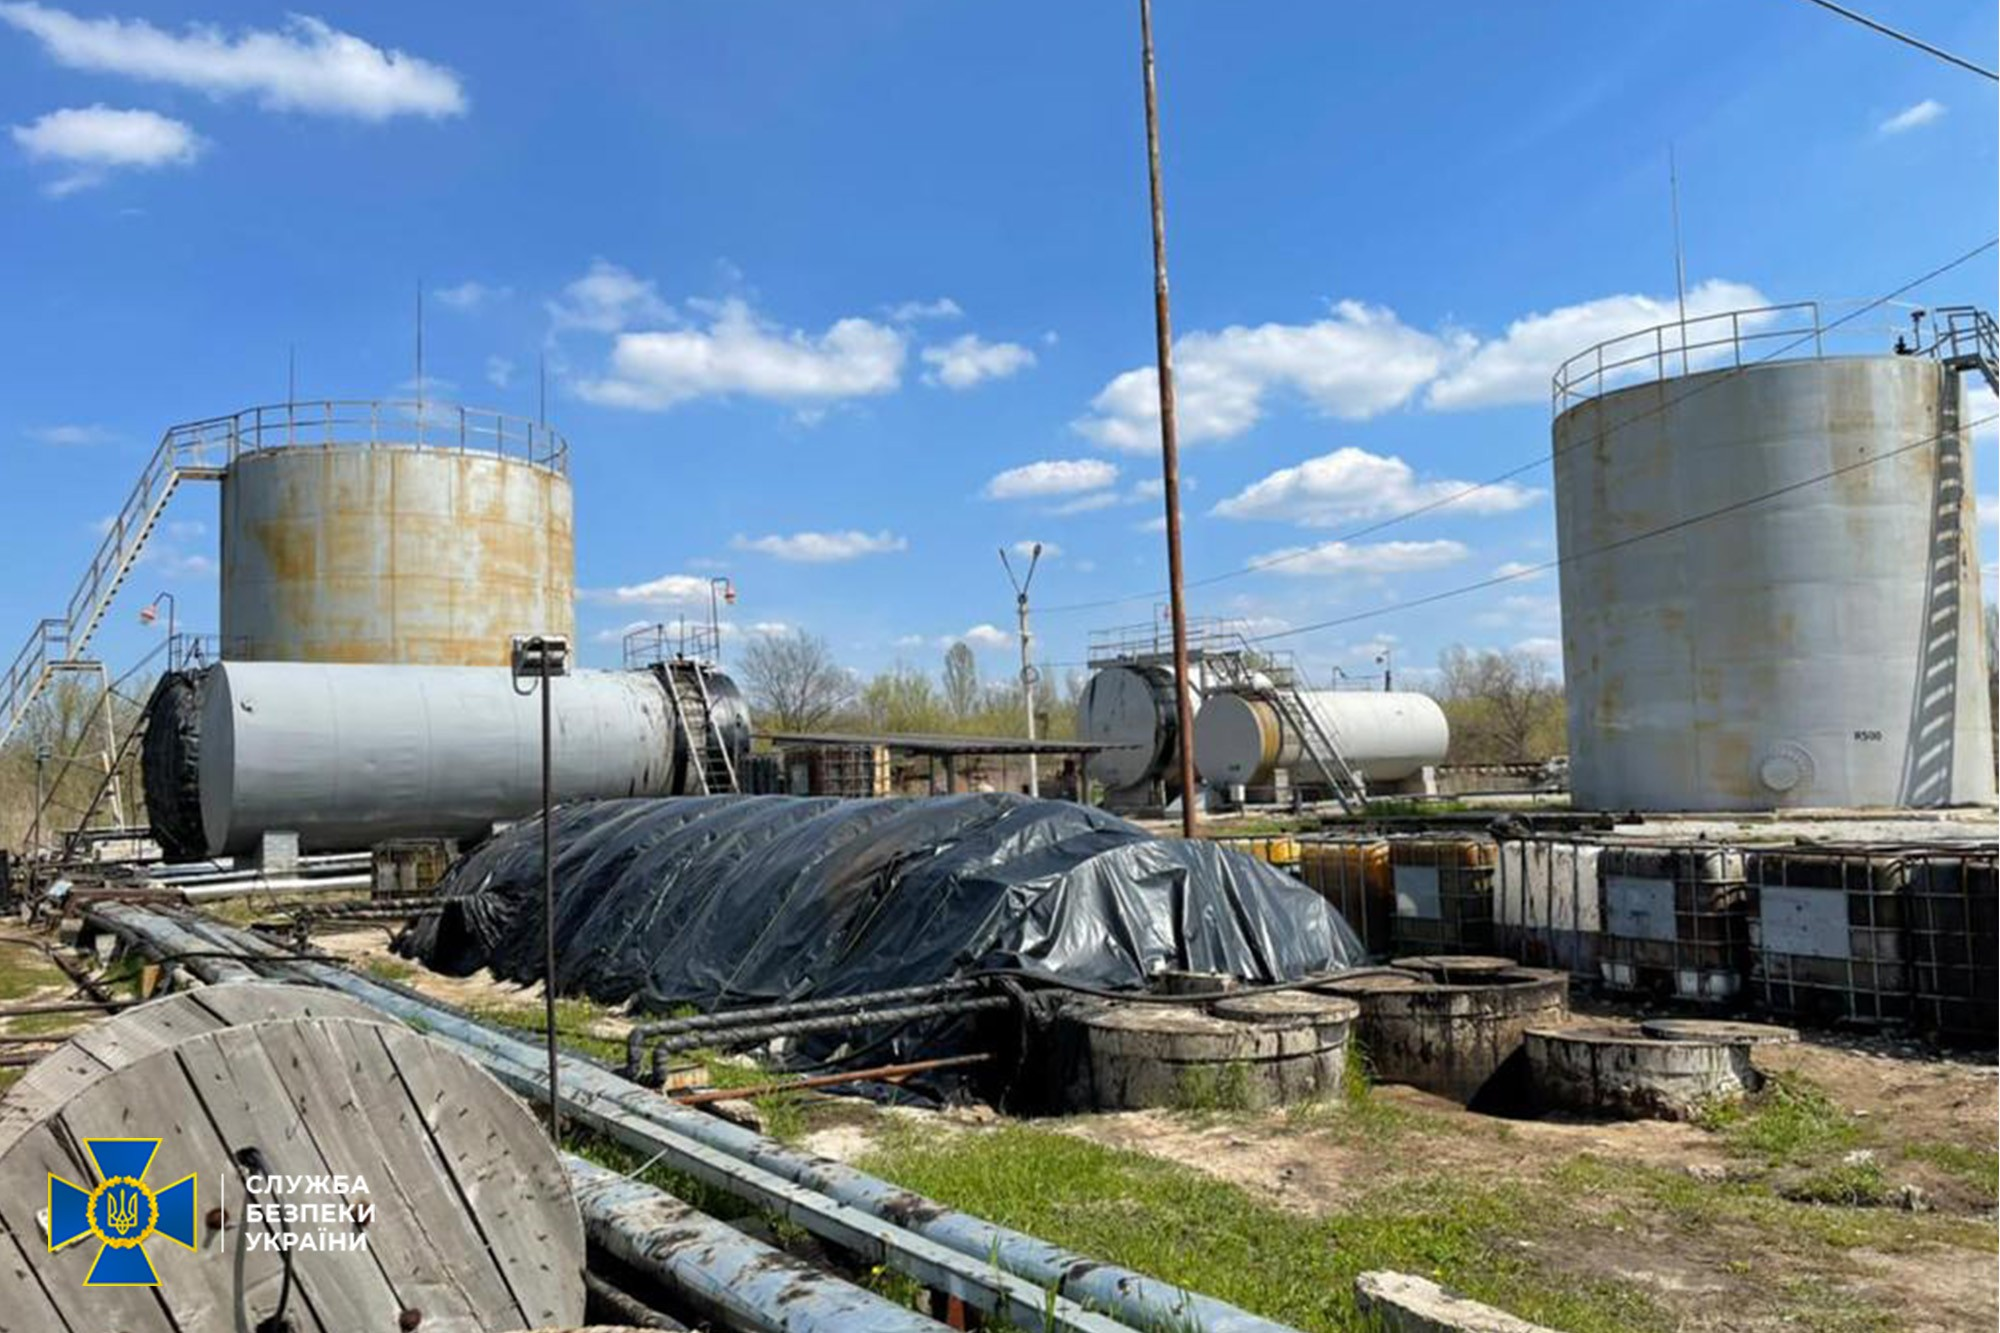 СБУ разоблачила нелегальный нефтеперерабатывающий завод на Днепропетровщине